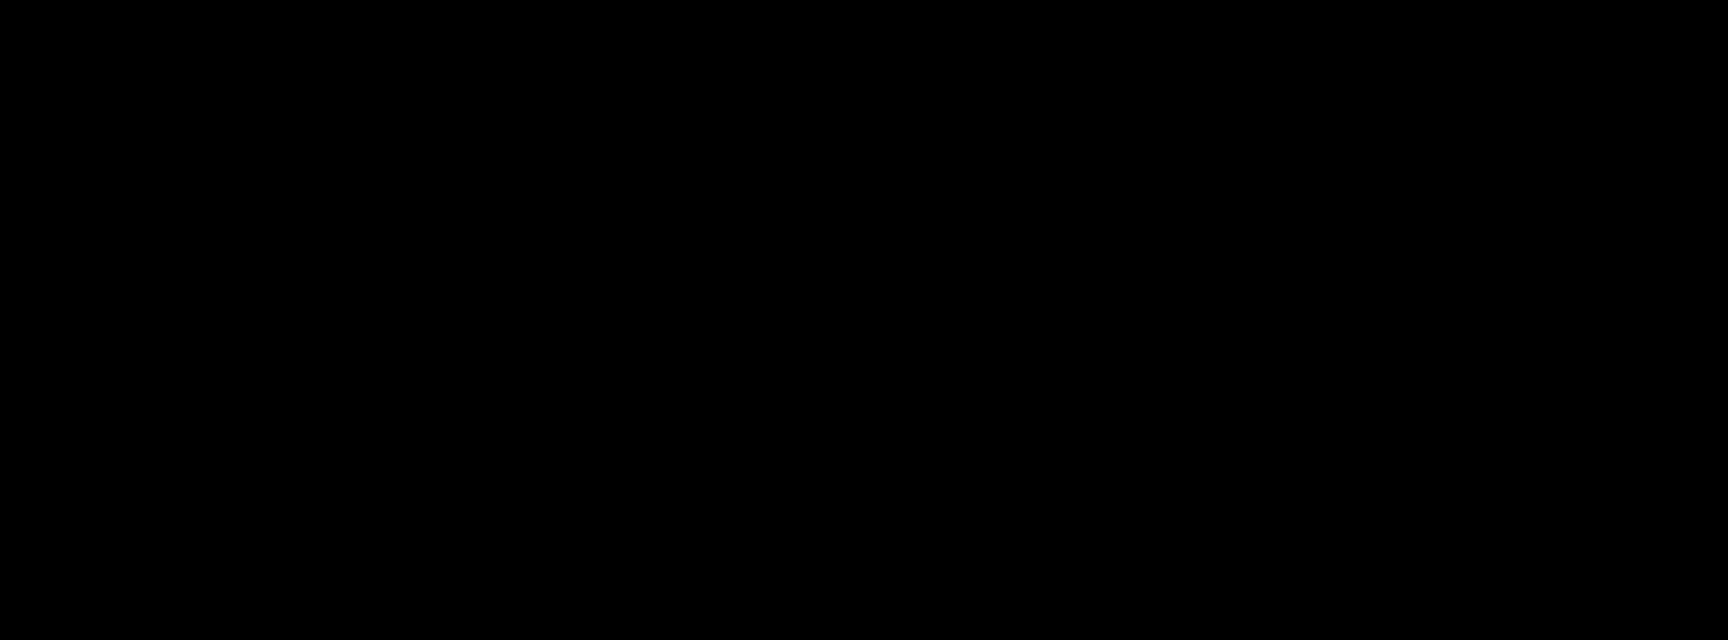 メロディックマイナースケールのダイアトニックコード